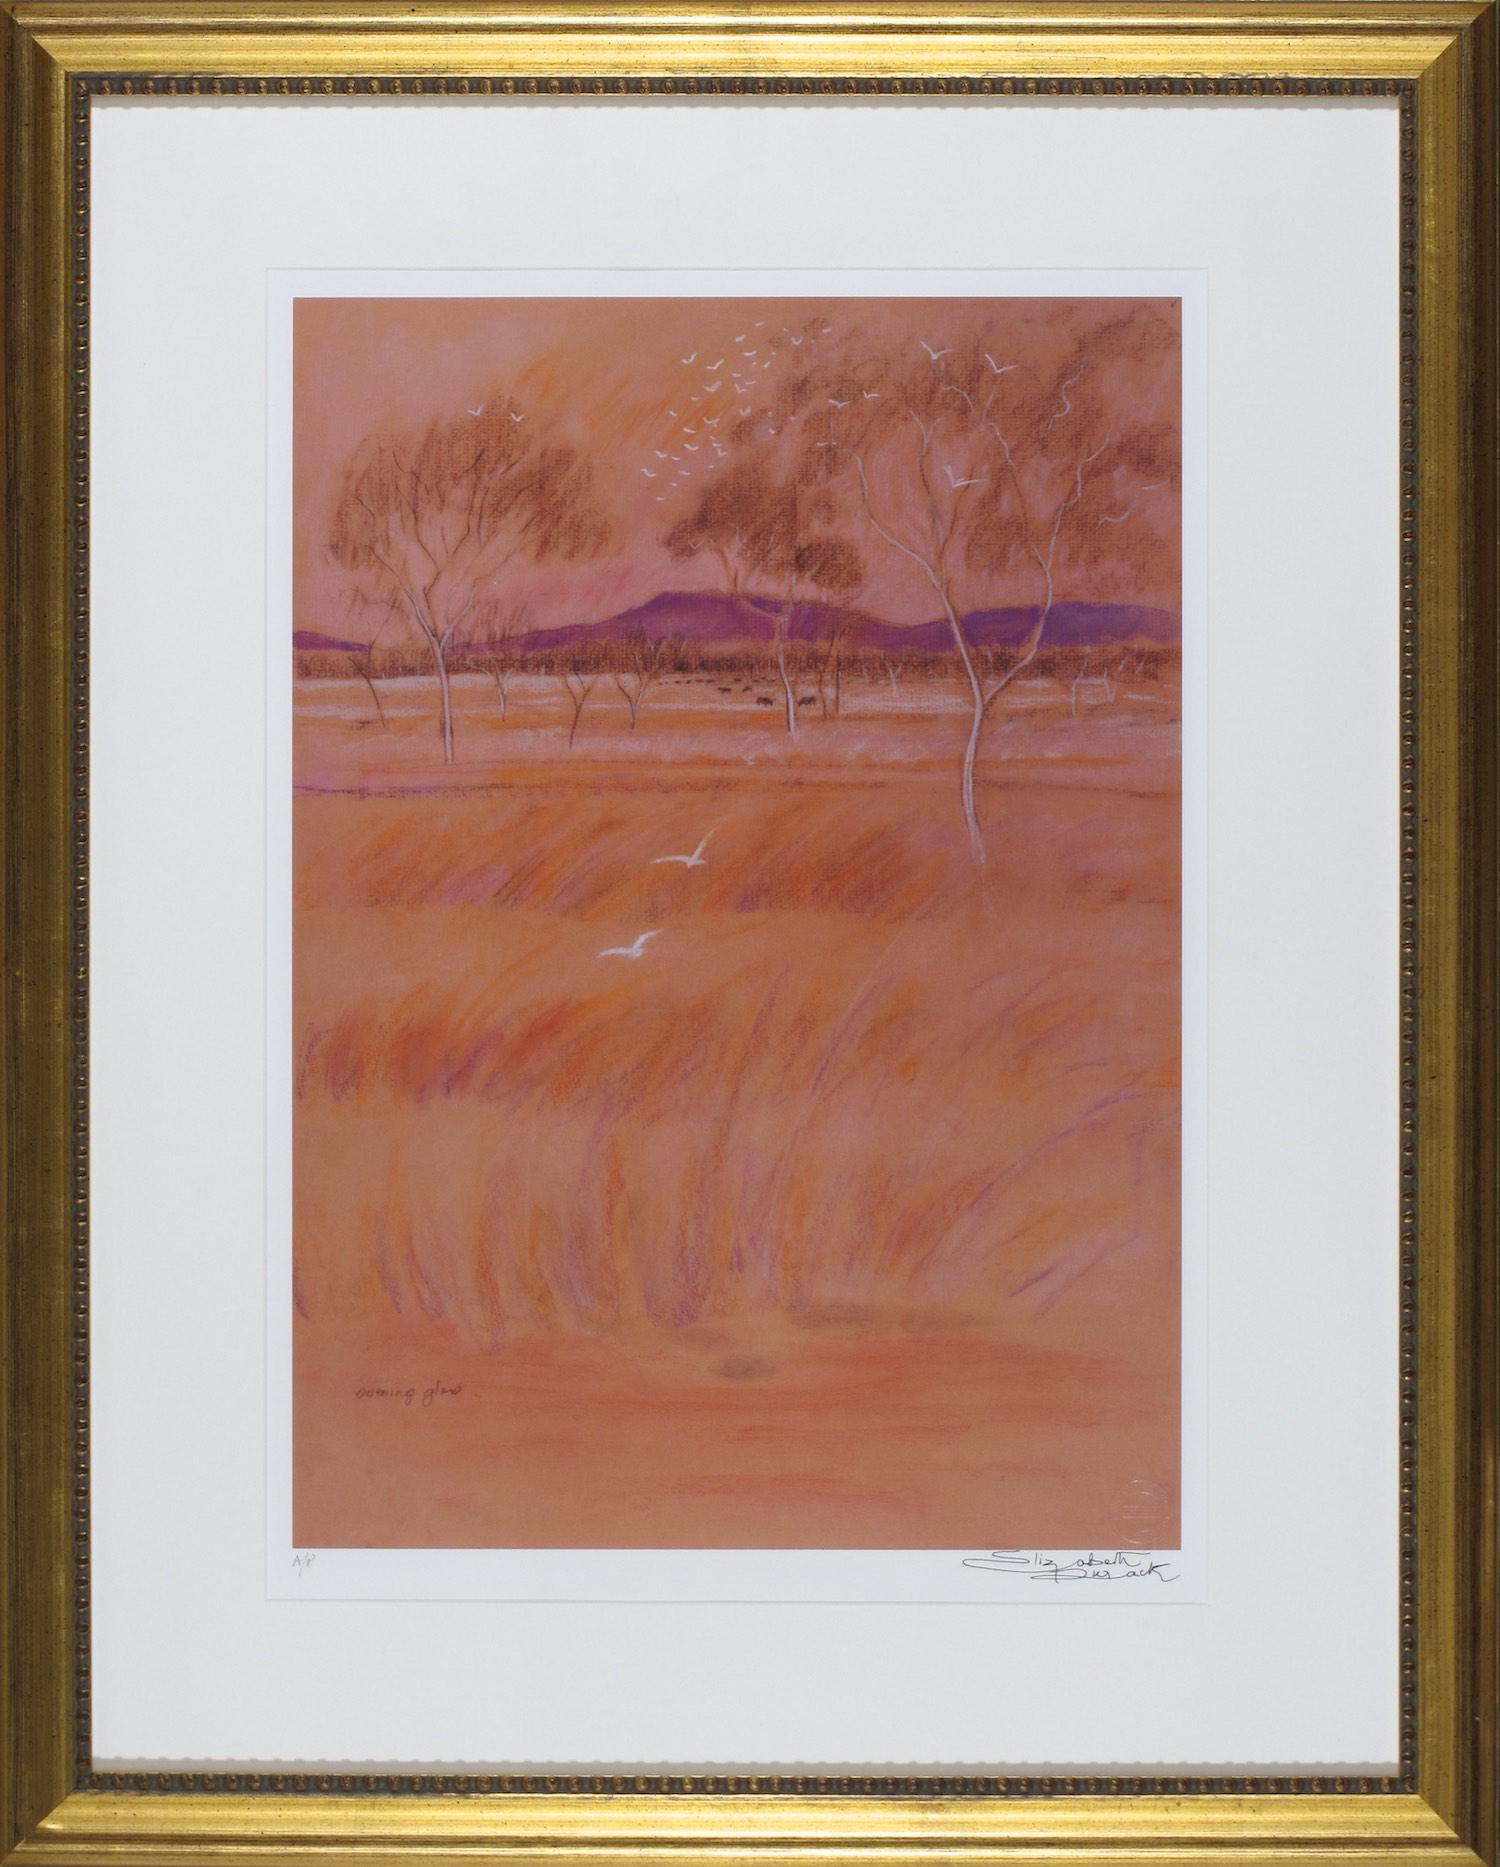 #12941 ED16. Elizabeth Durack. Evening Glow. 84cm x 67cm. $780